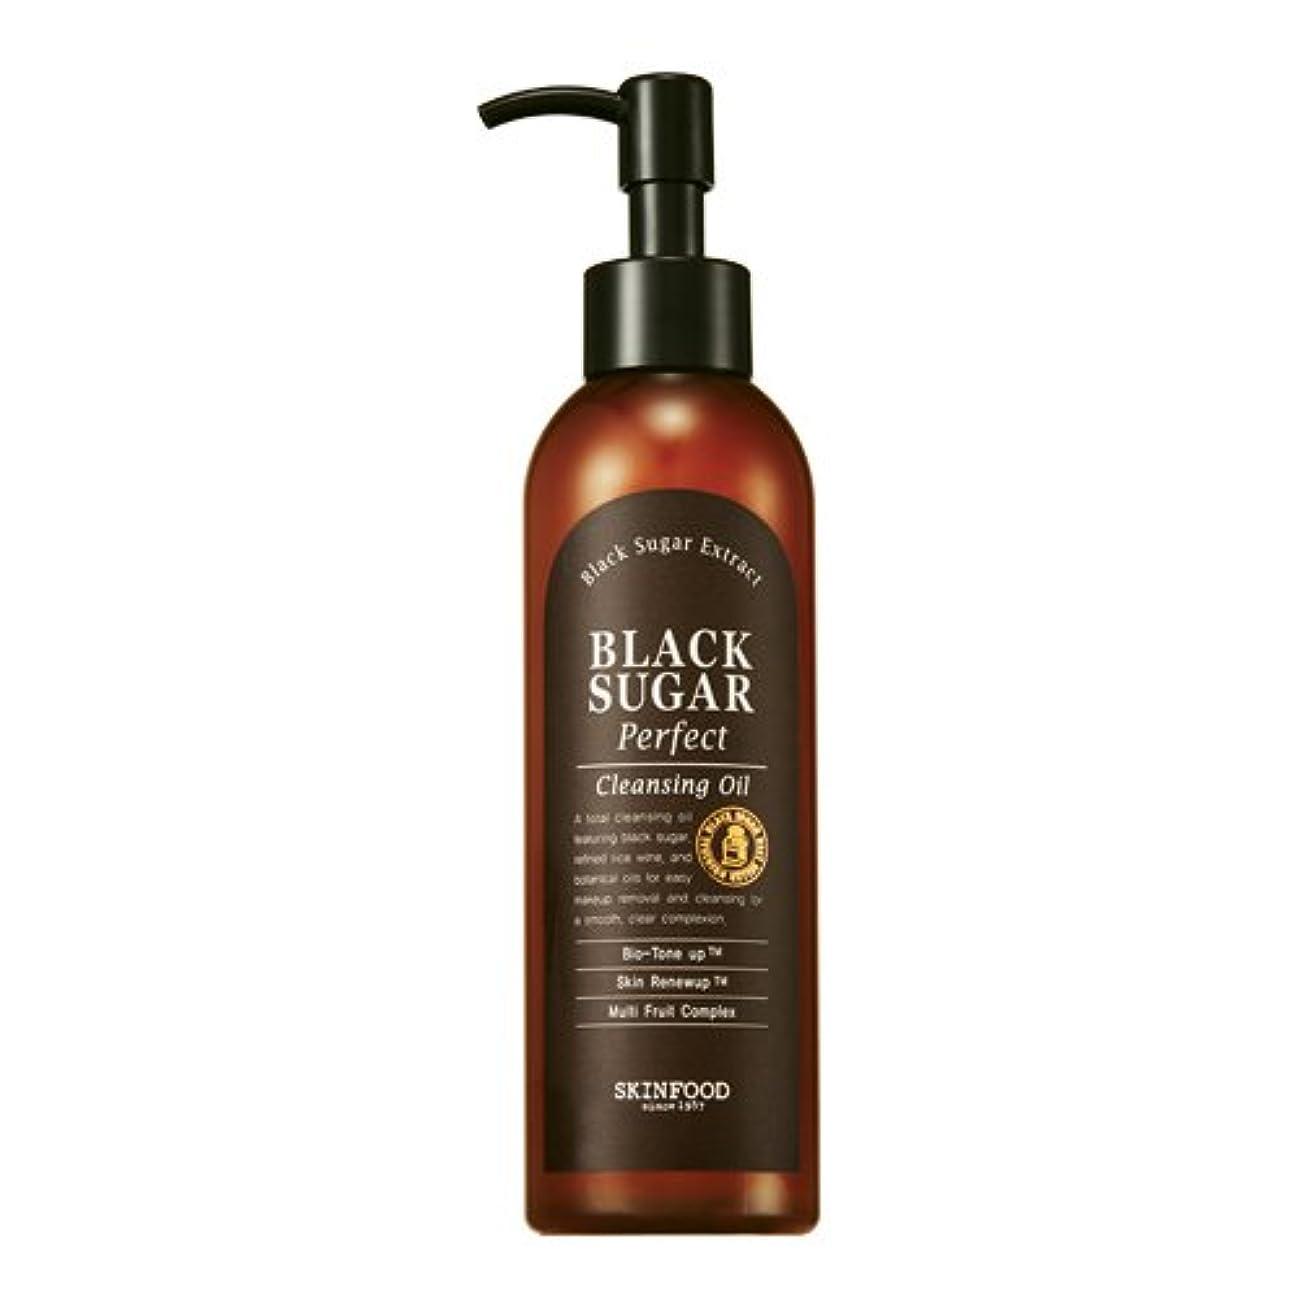 健全適応コーナーSkinfood/Black Sugar Perfect Cleansing Oil/ブラックシュガーパーフェクトクレンジングオイル/200ml [並行輸入品]